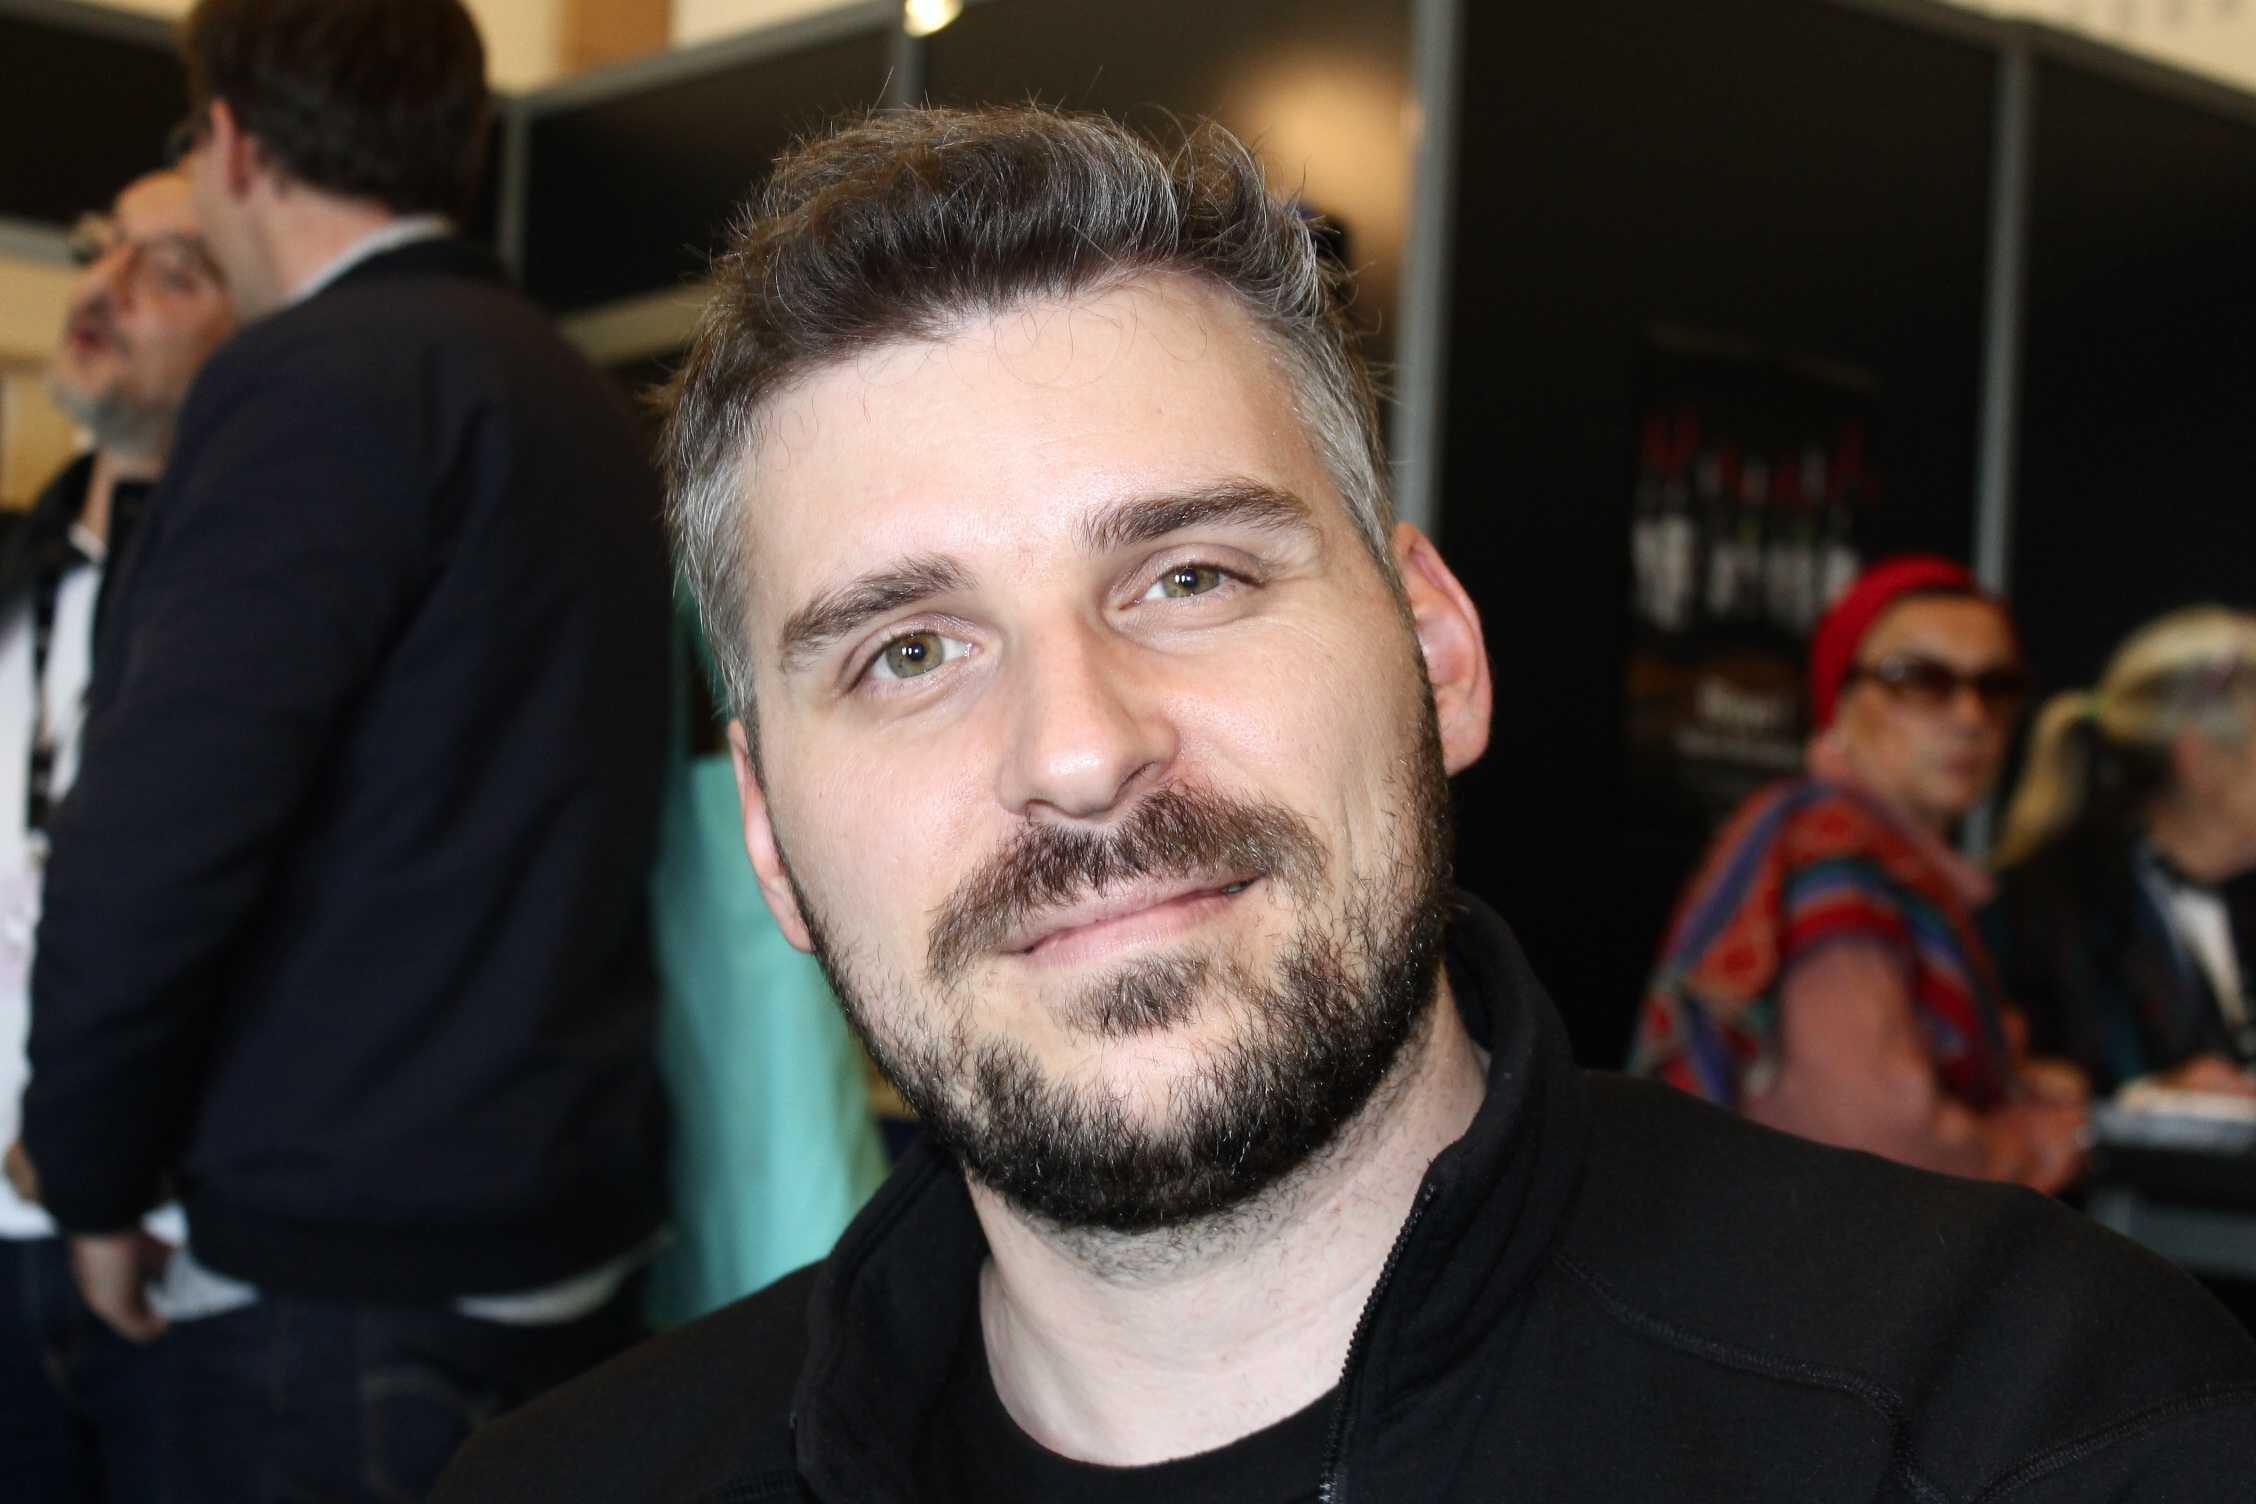 Prix Canal BD 2018 à Nicolas Petrimaux pour Il faut flinguer Ramirez